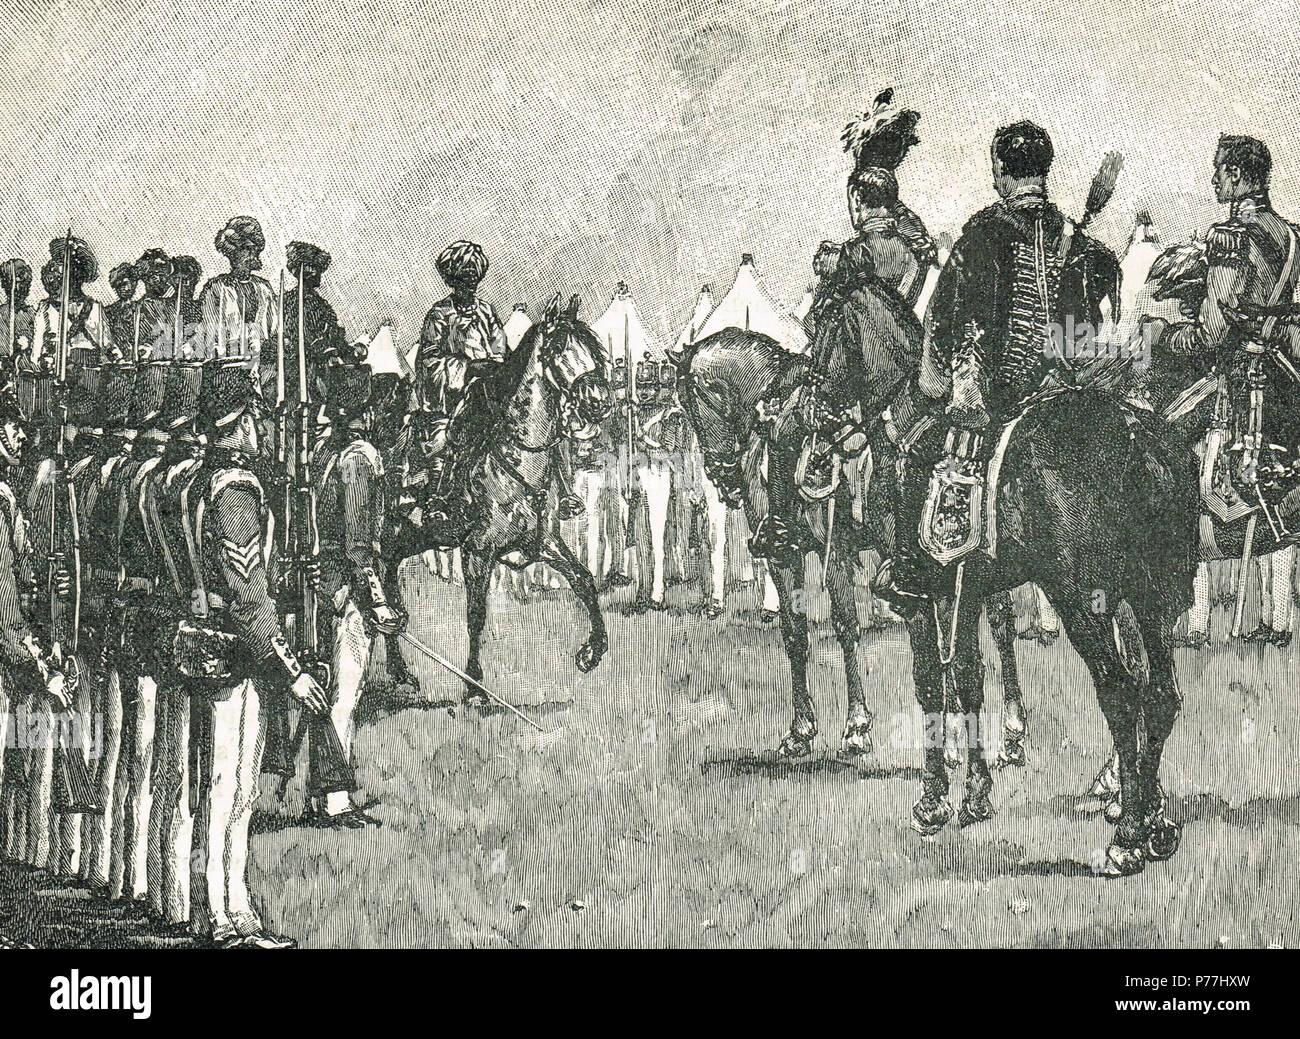 Arrivo del maharajah Duleep Singh, presso il British camp, in seguito alla battaglia di Sobraon, combattuta il 10 febbraio 1846 Immagini Stock